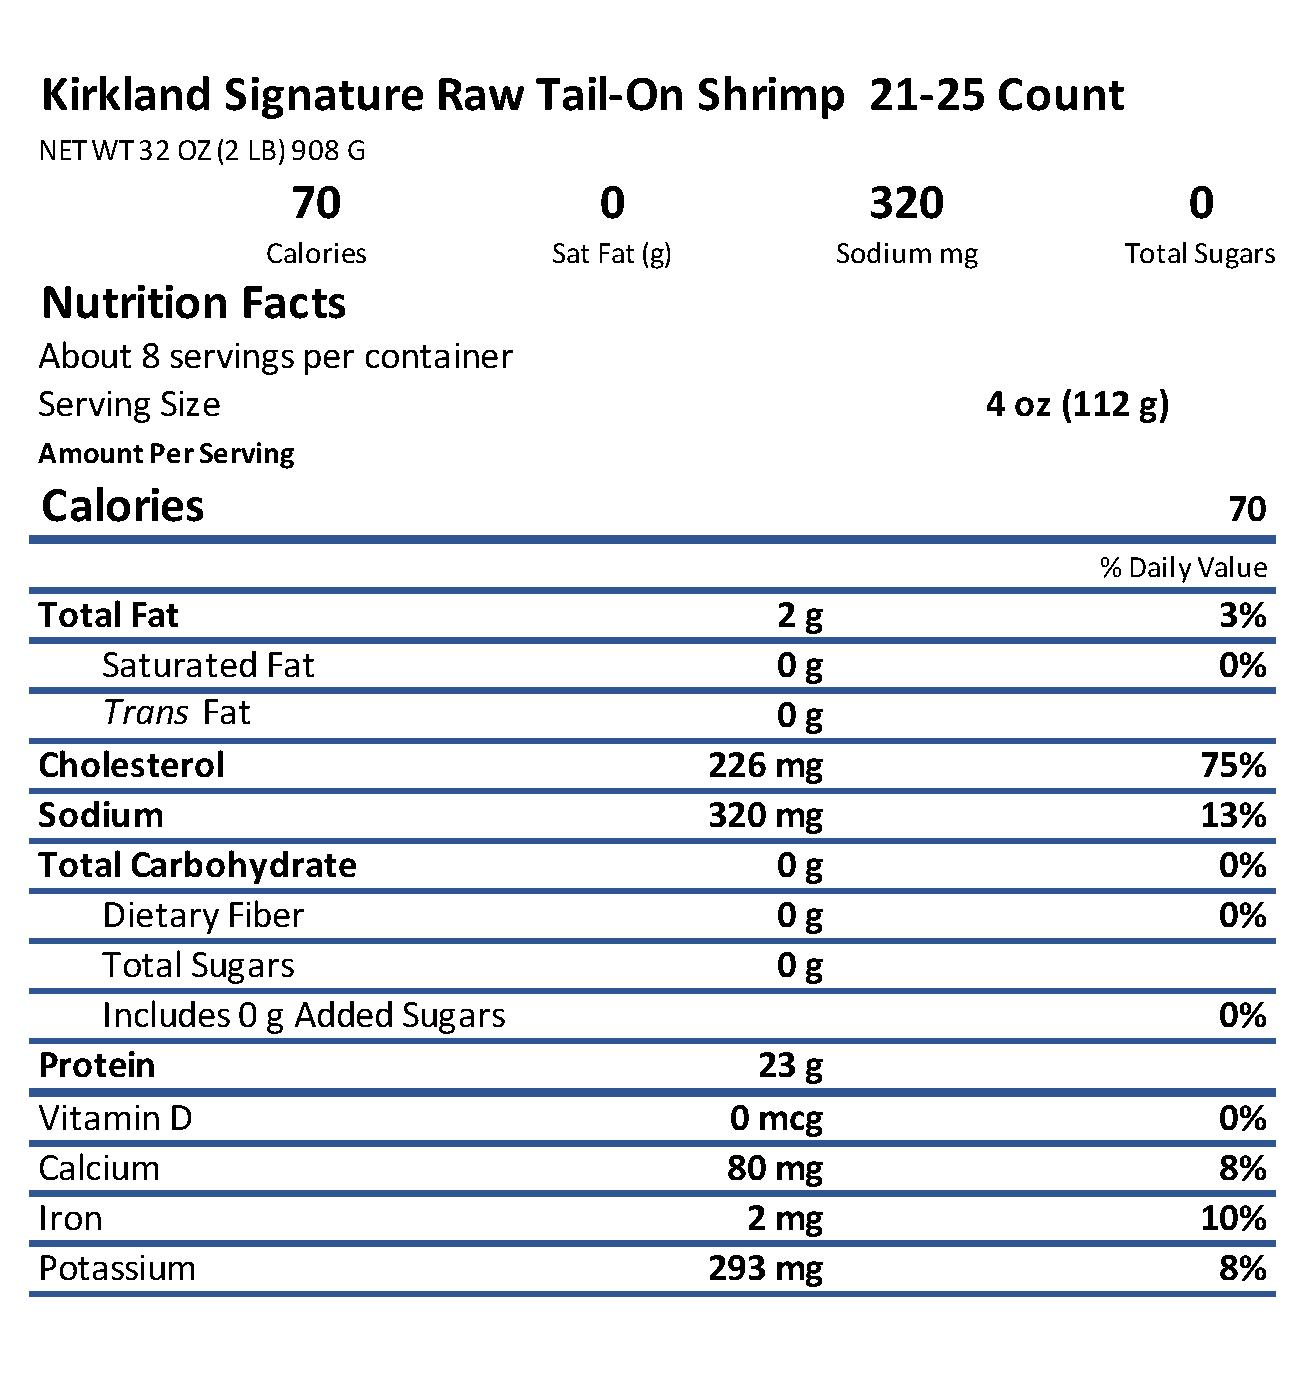 Costco Shrimp Nutrition Information